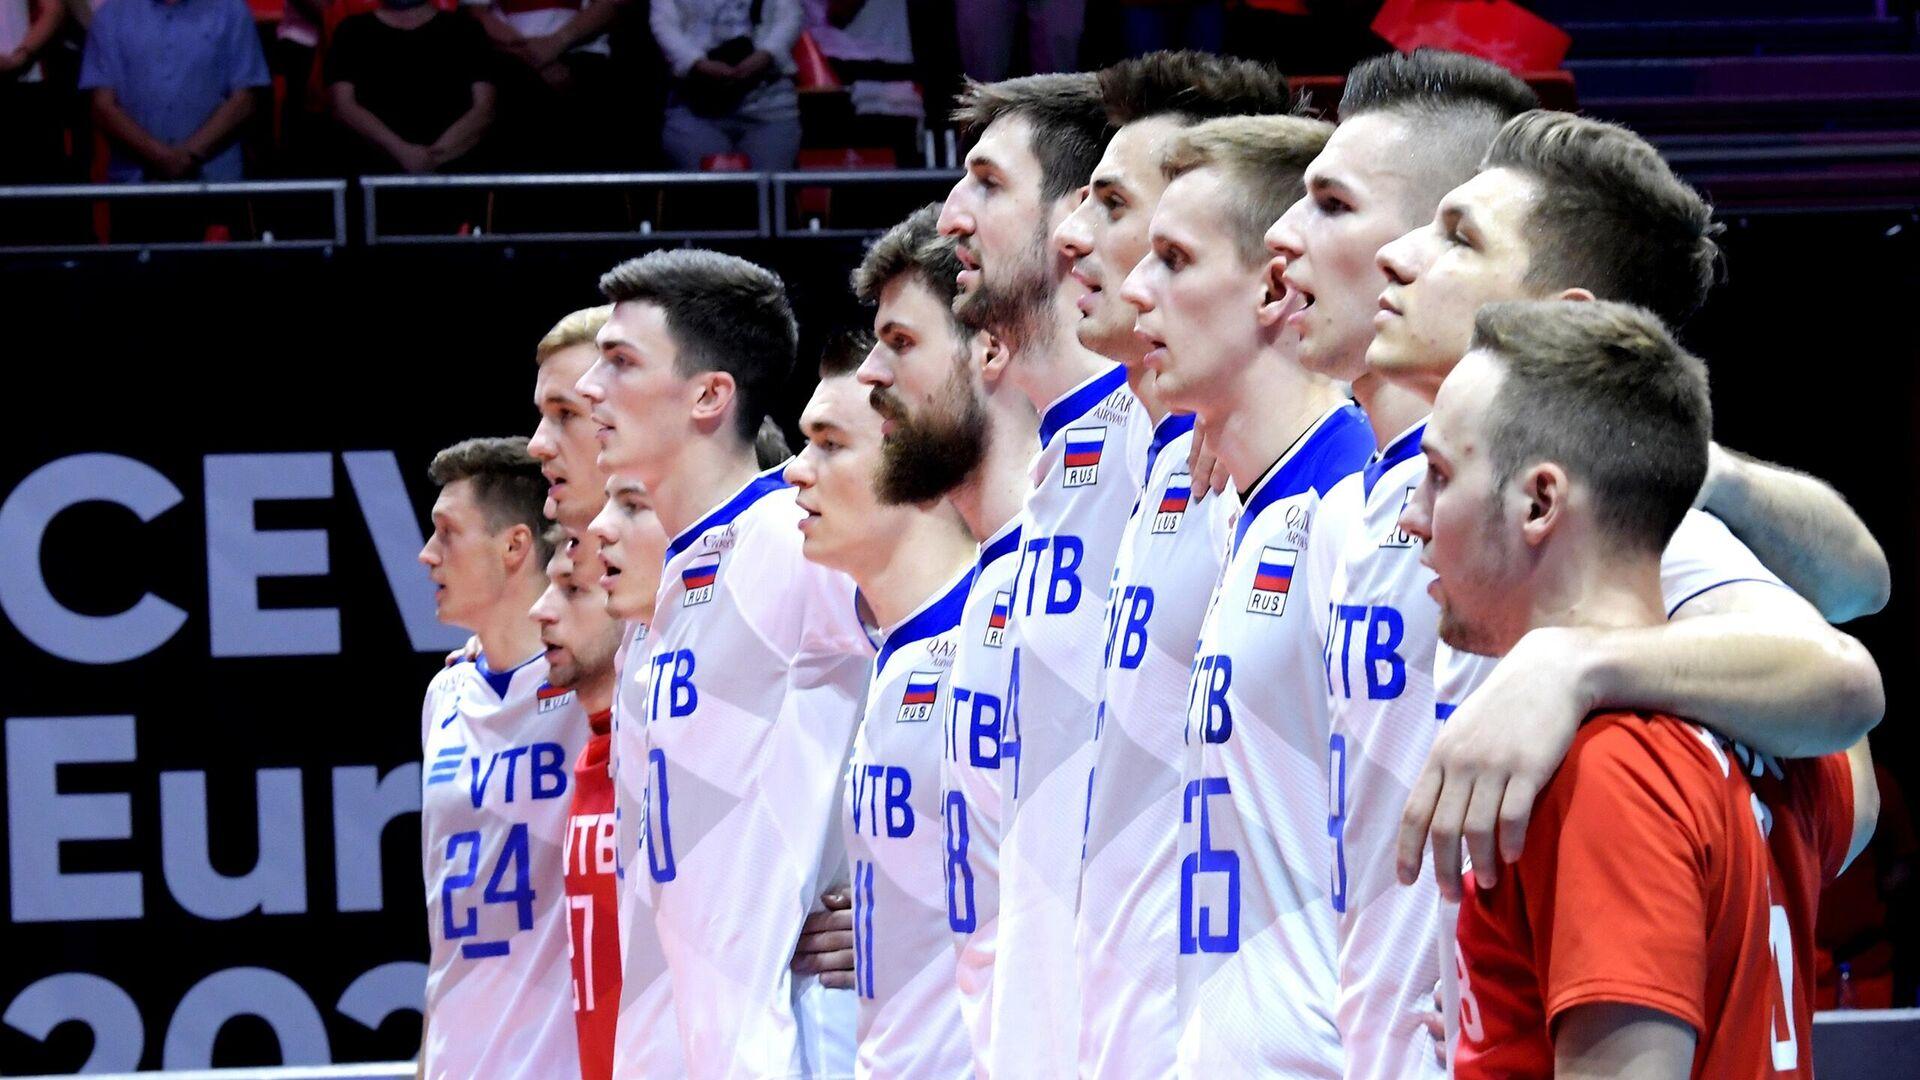 Волейболисты сборной России - РИА Новости, 1920, 14.09.2021